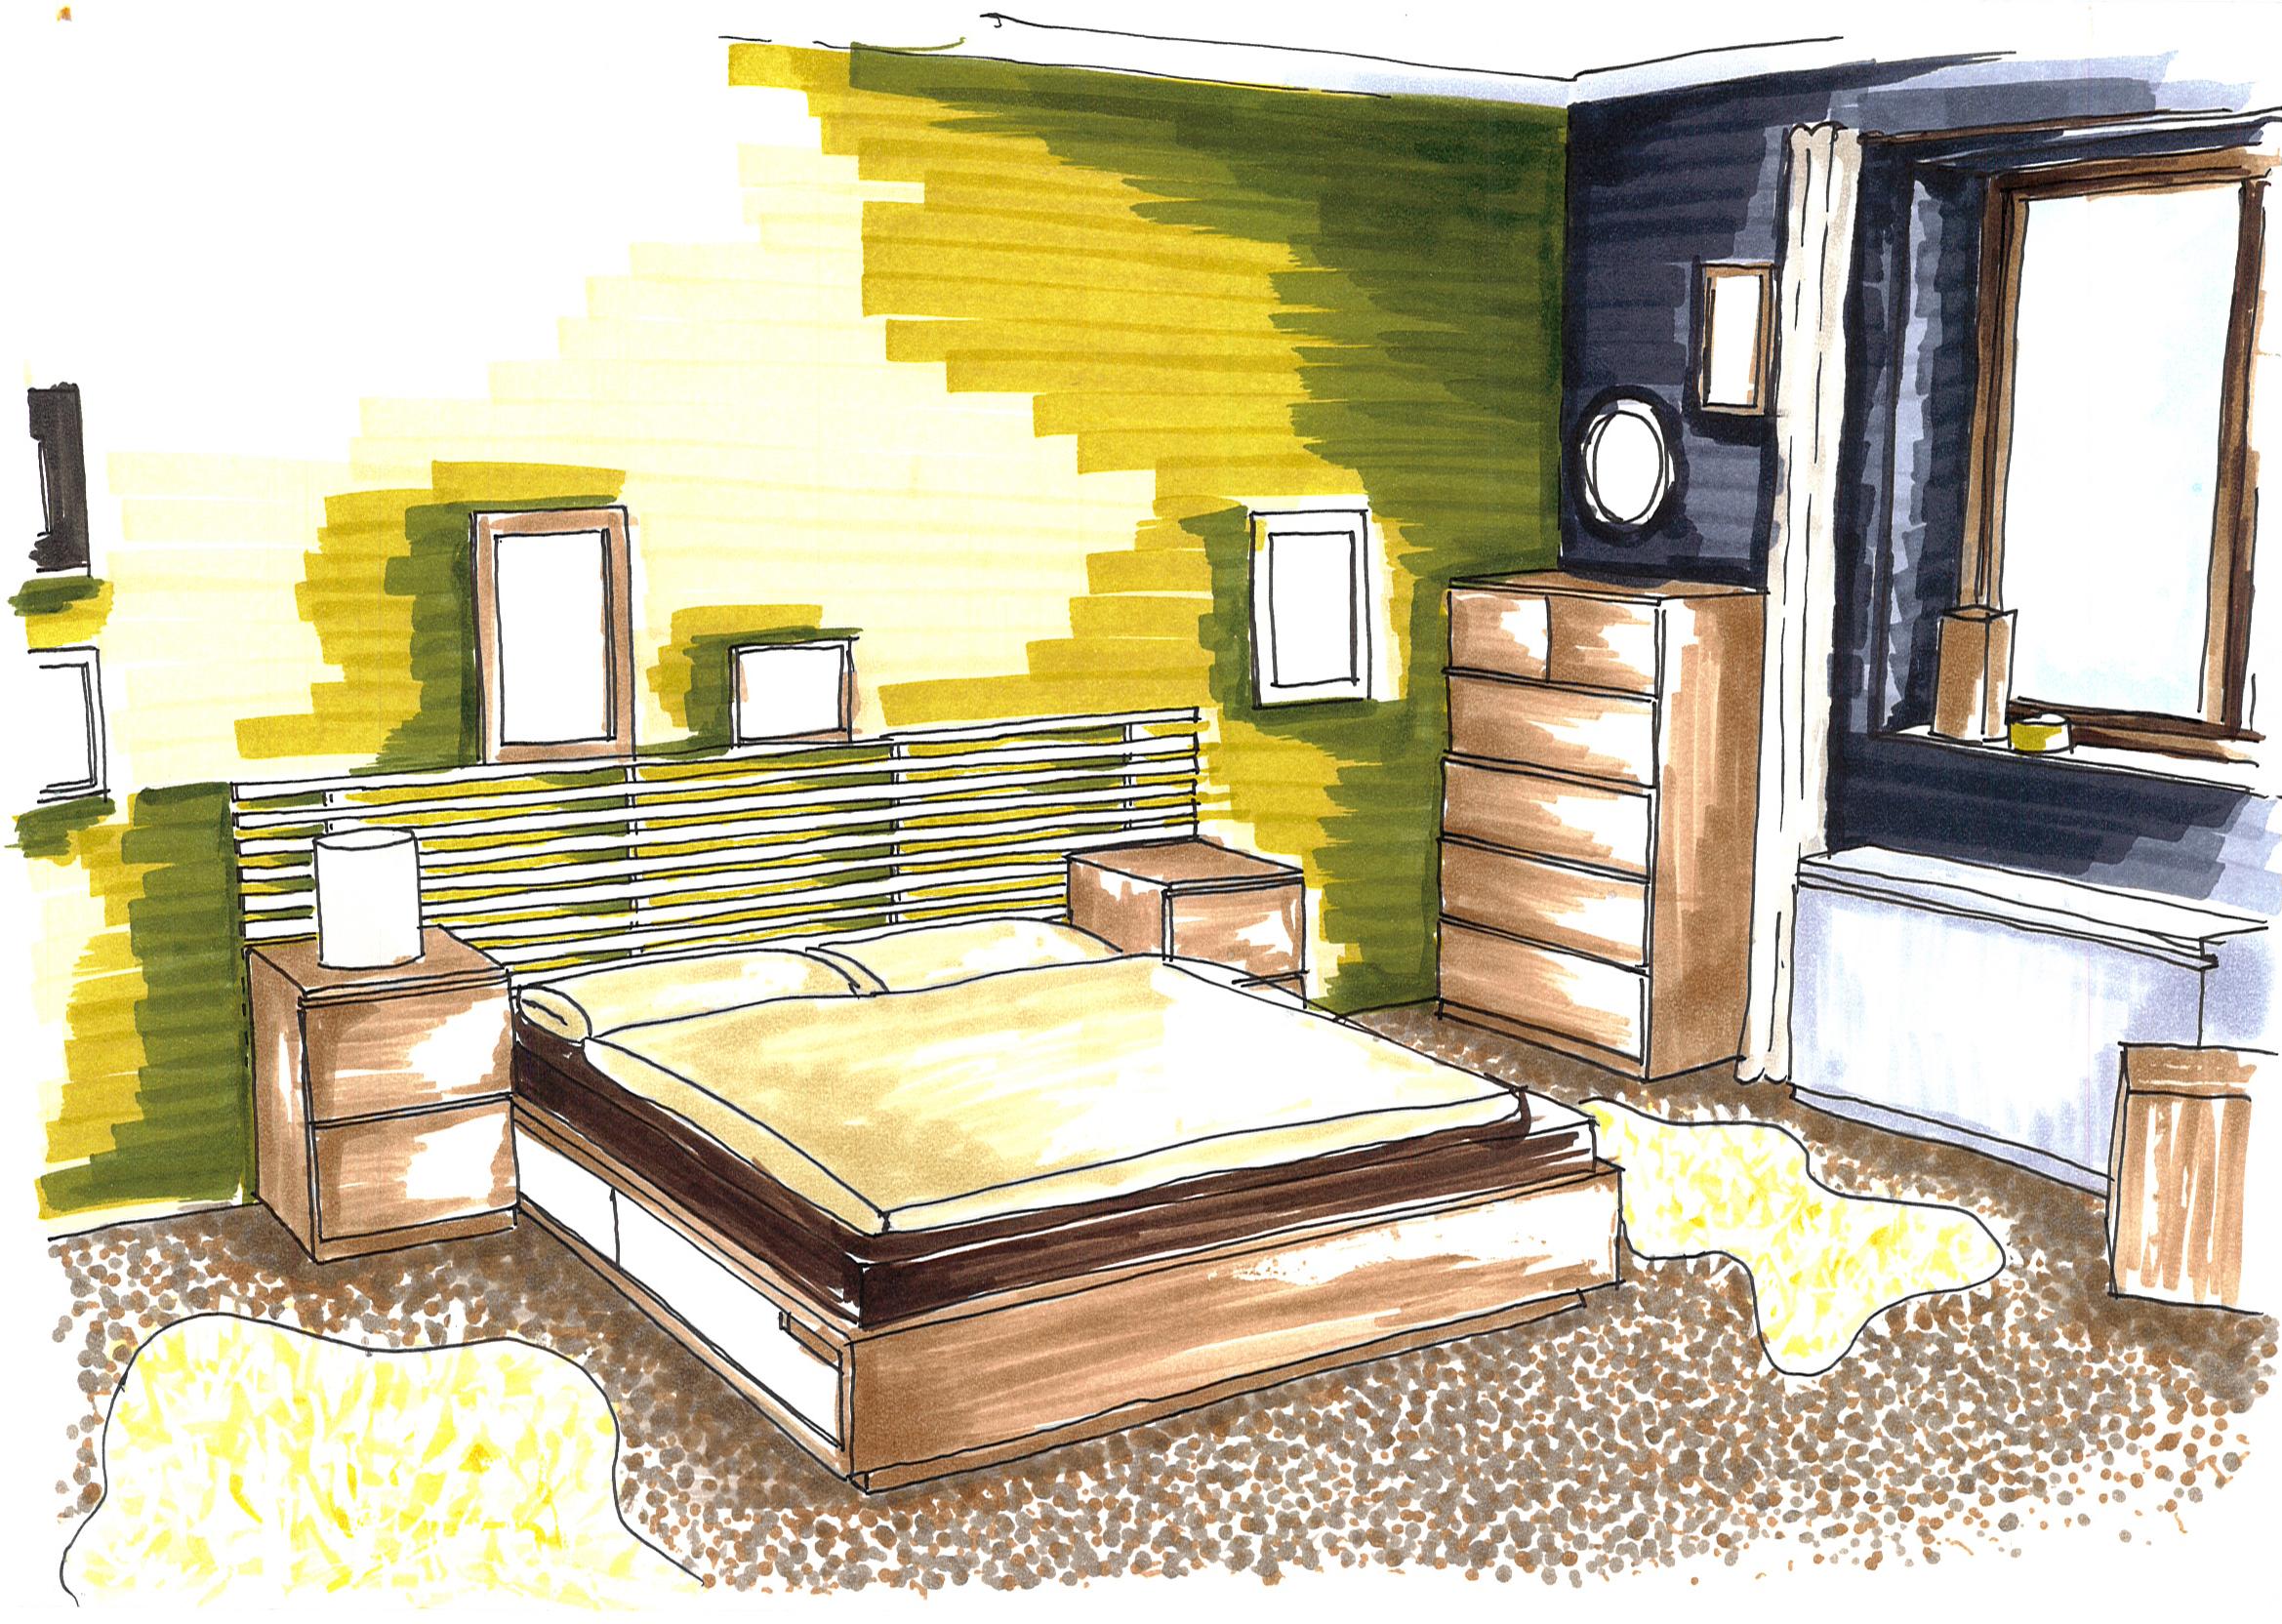 erholung ein neues schlafzimmer f r meine eltern der schl ssel zum gl ck. Black Bedroom Furniture Sets. Home Design Ideas